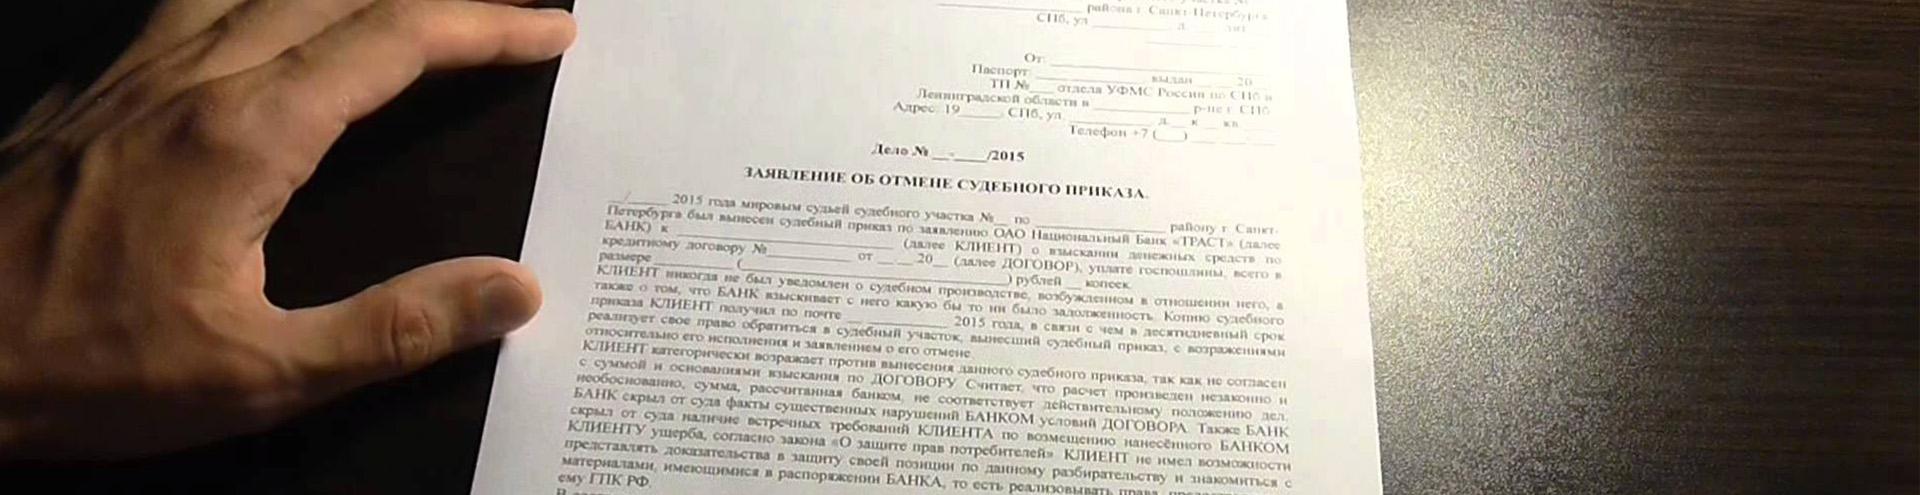 отмена судебного приказа в Чебоксарах и Чувашской Республике